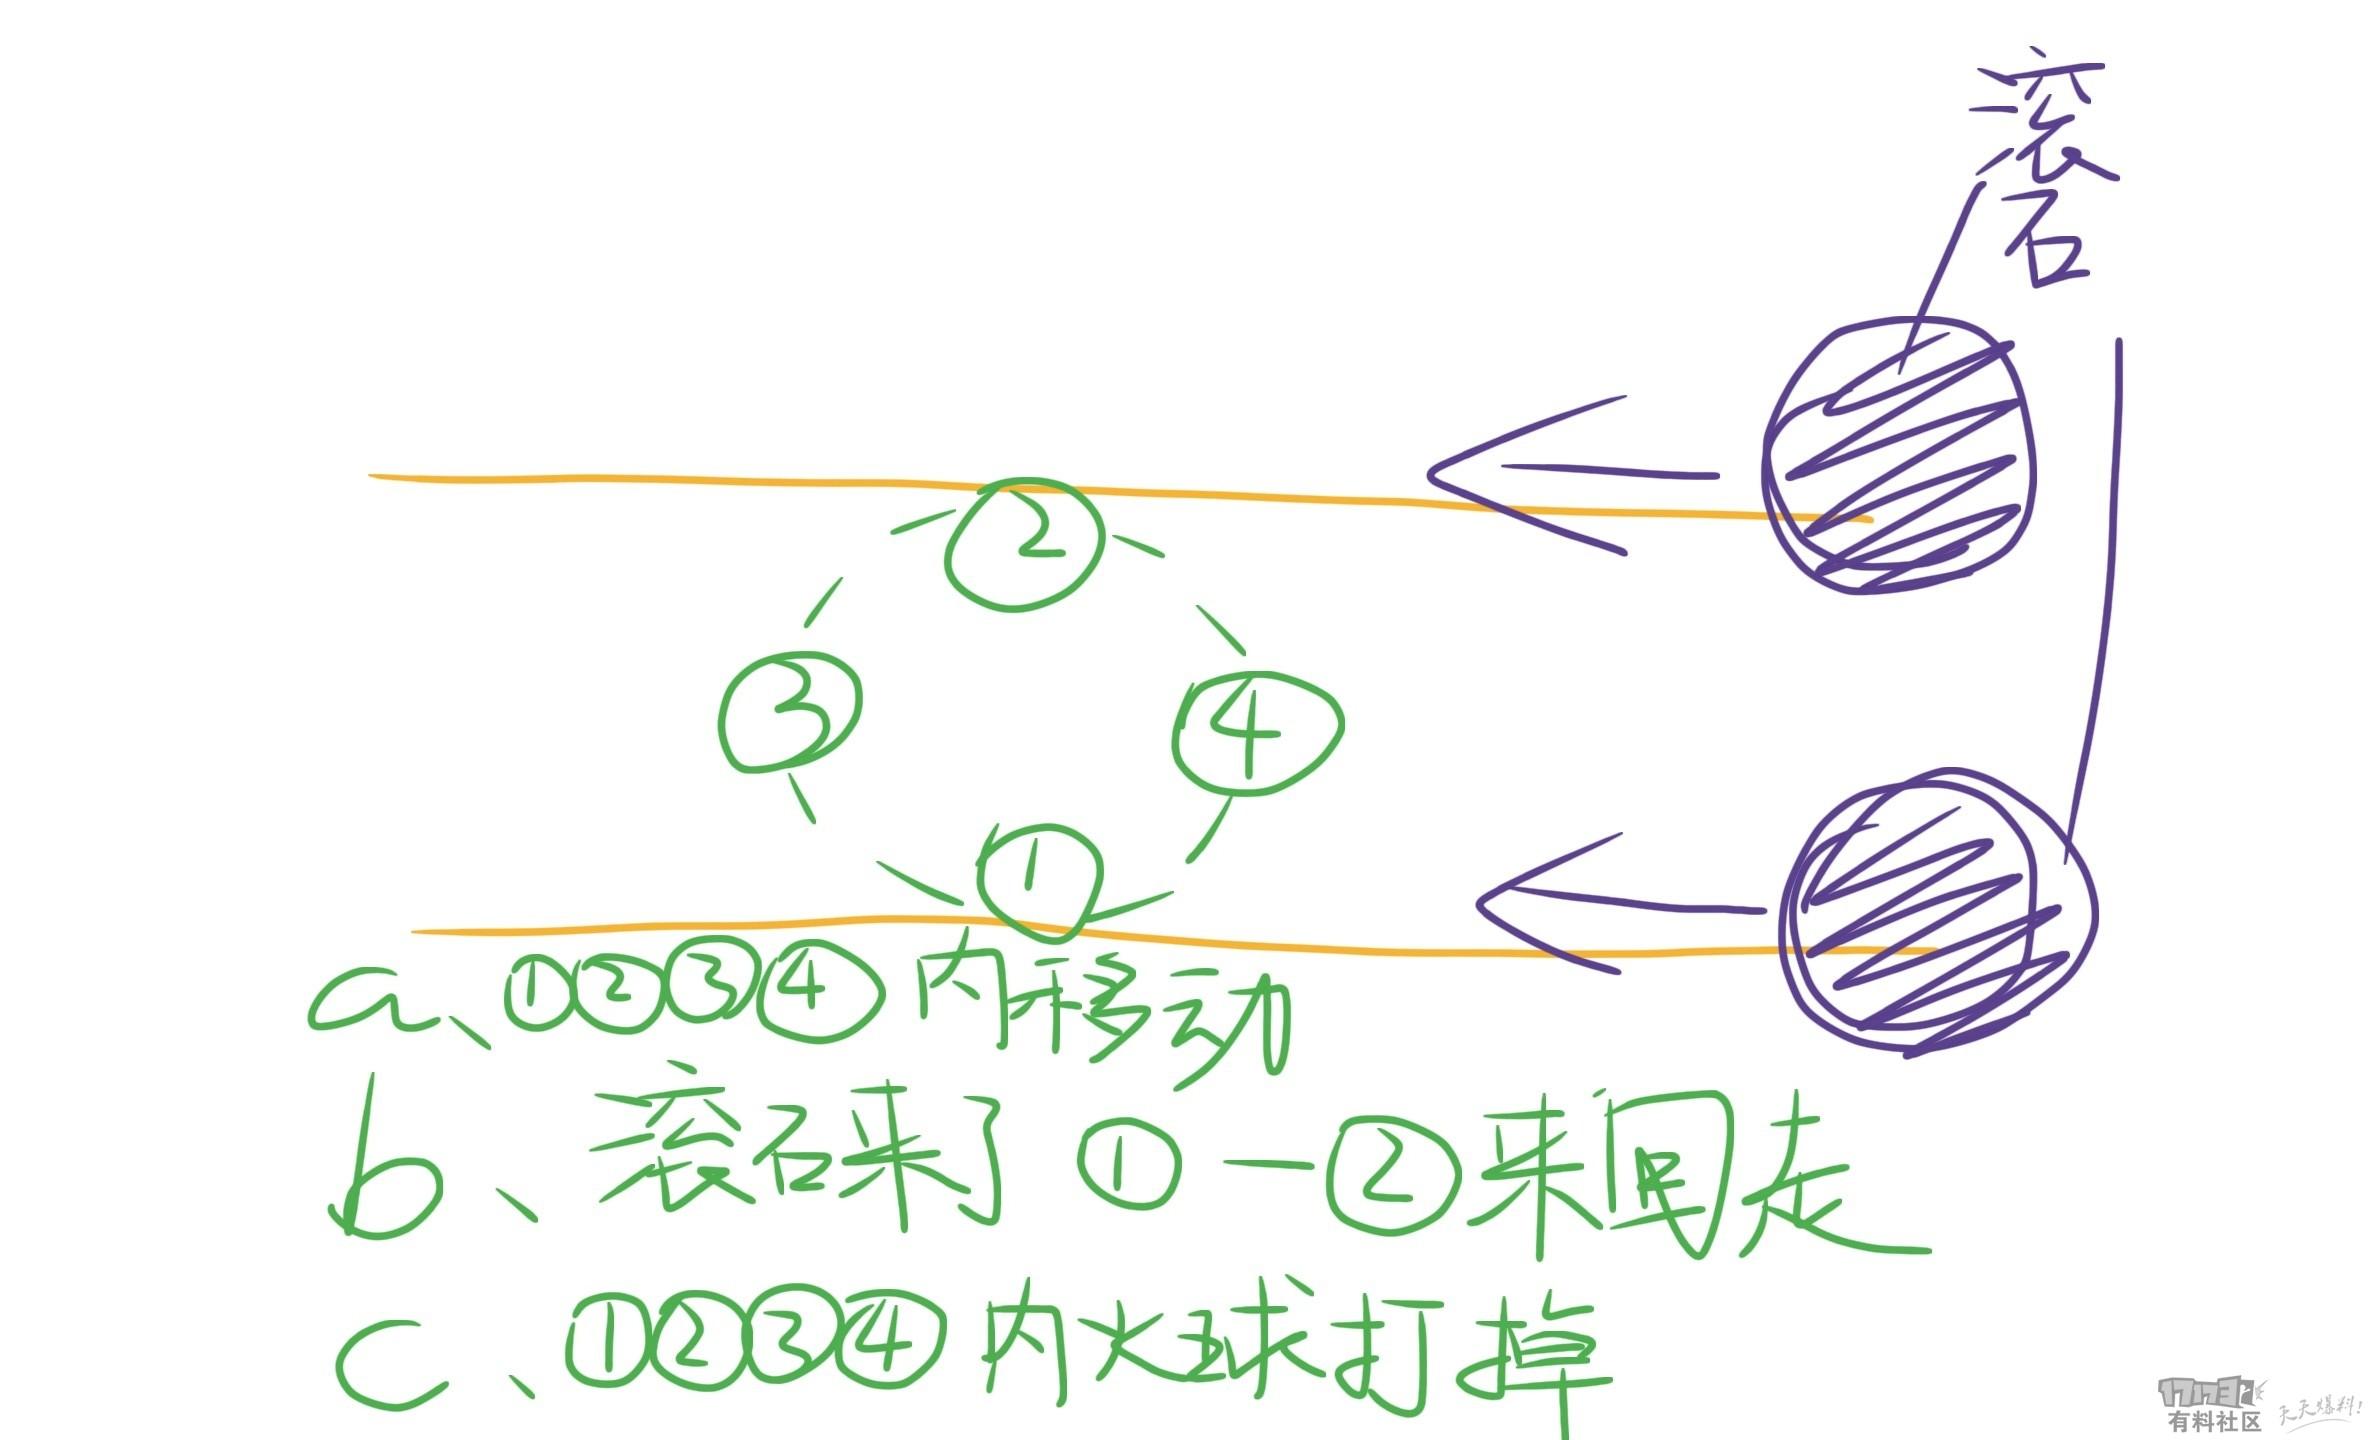 6352f9f81a4c510f6a2f4d8d6b59252dd52aa551.jpg